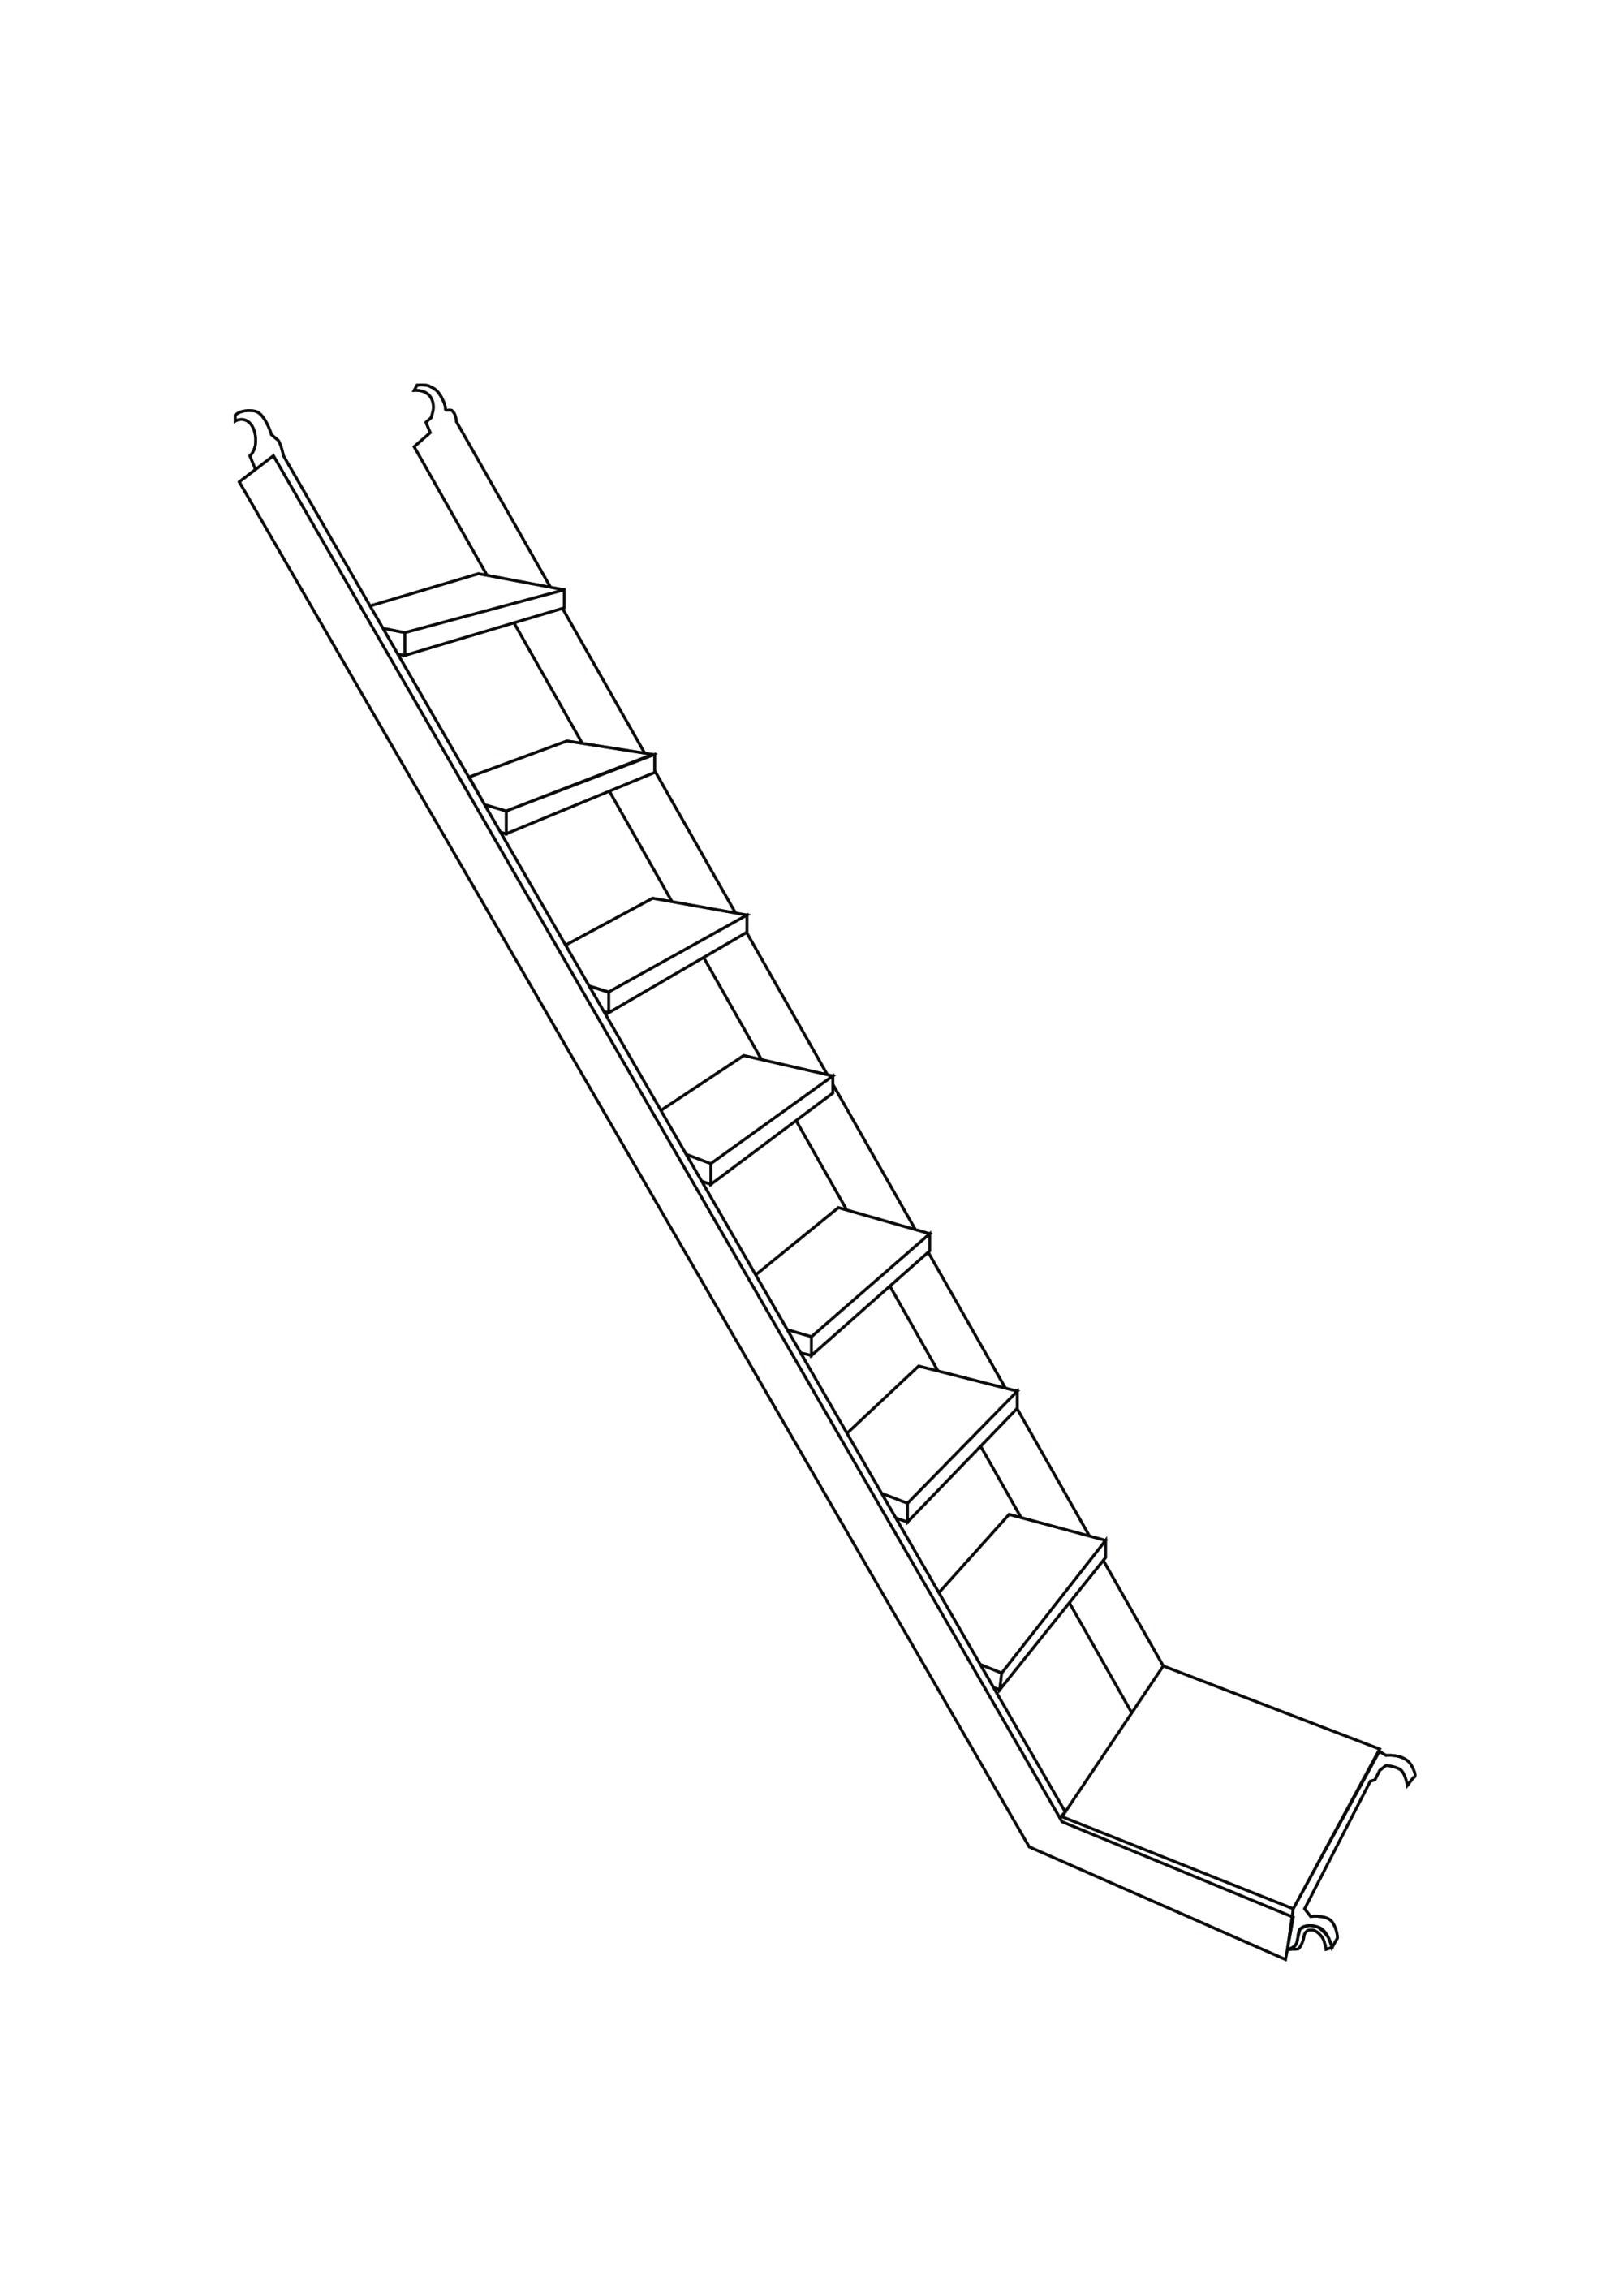 hight resolution of stairway diagram jpg